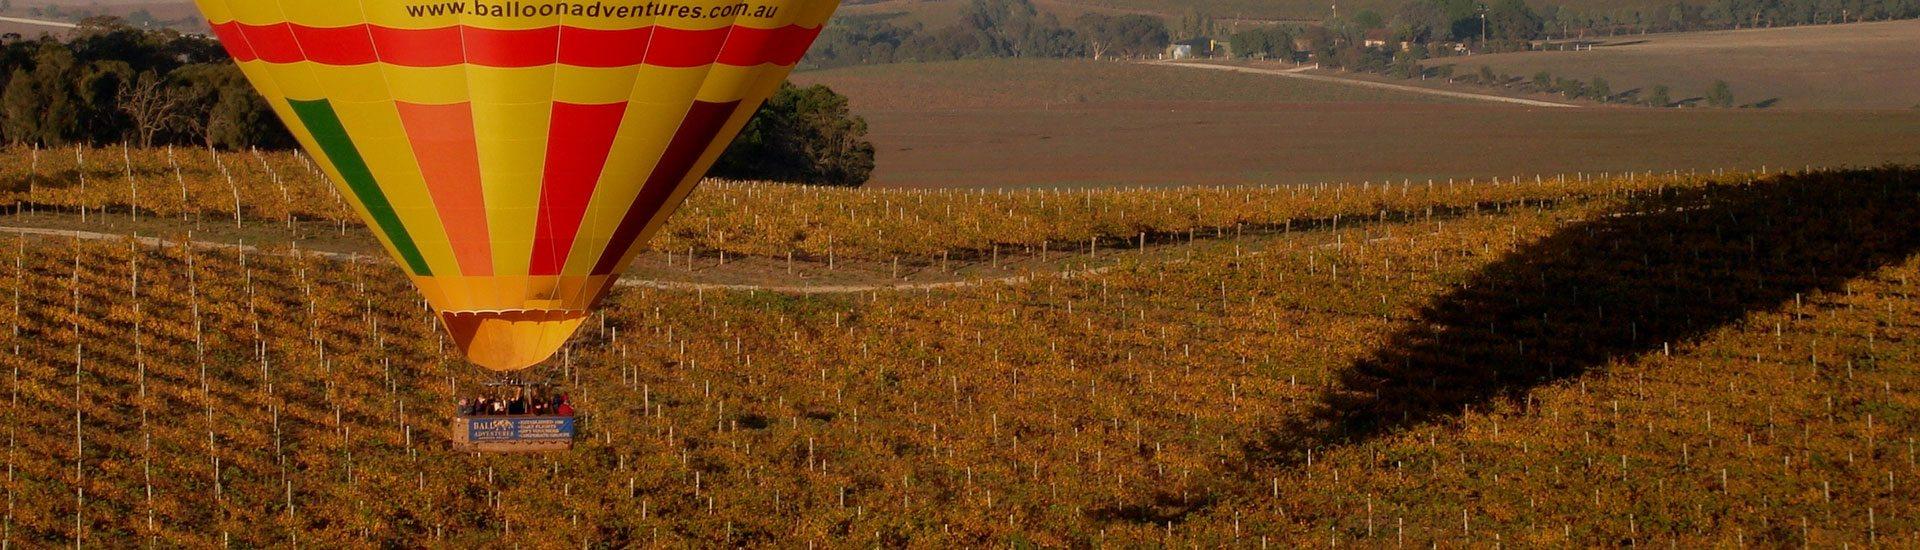 balloon-adventures-flights-over-the-barossa-balloon-ride-scenic-5